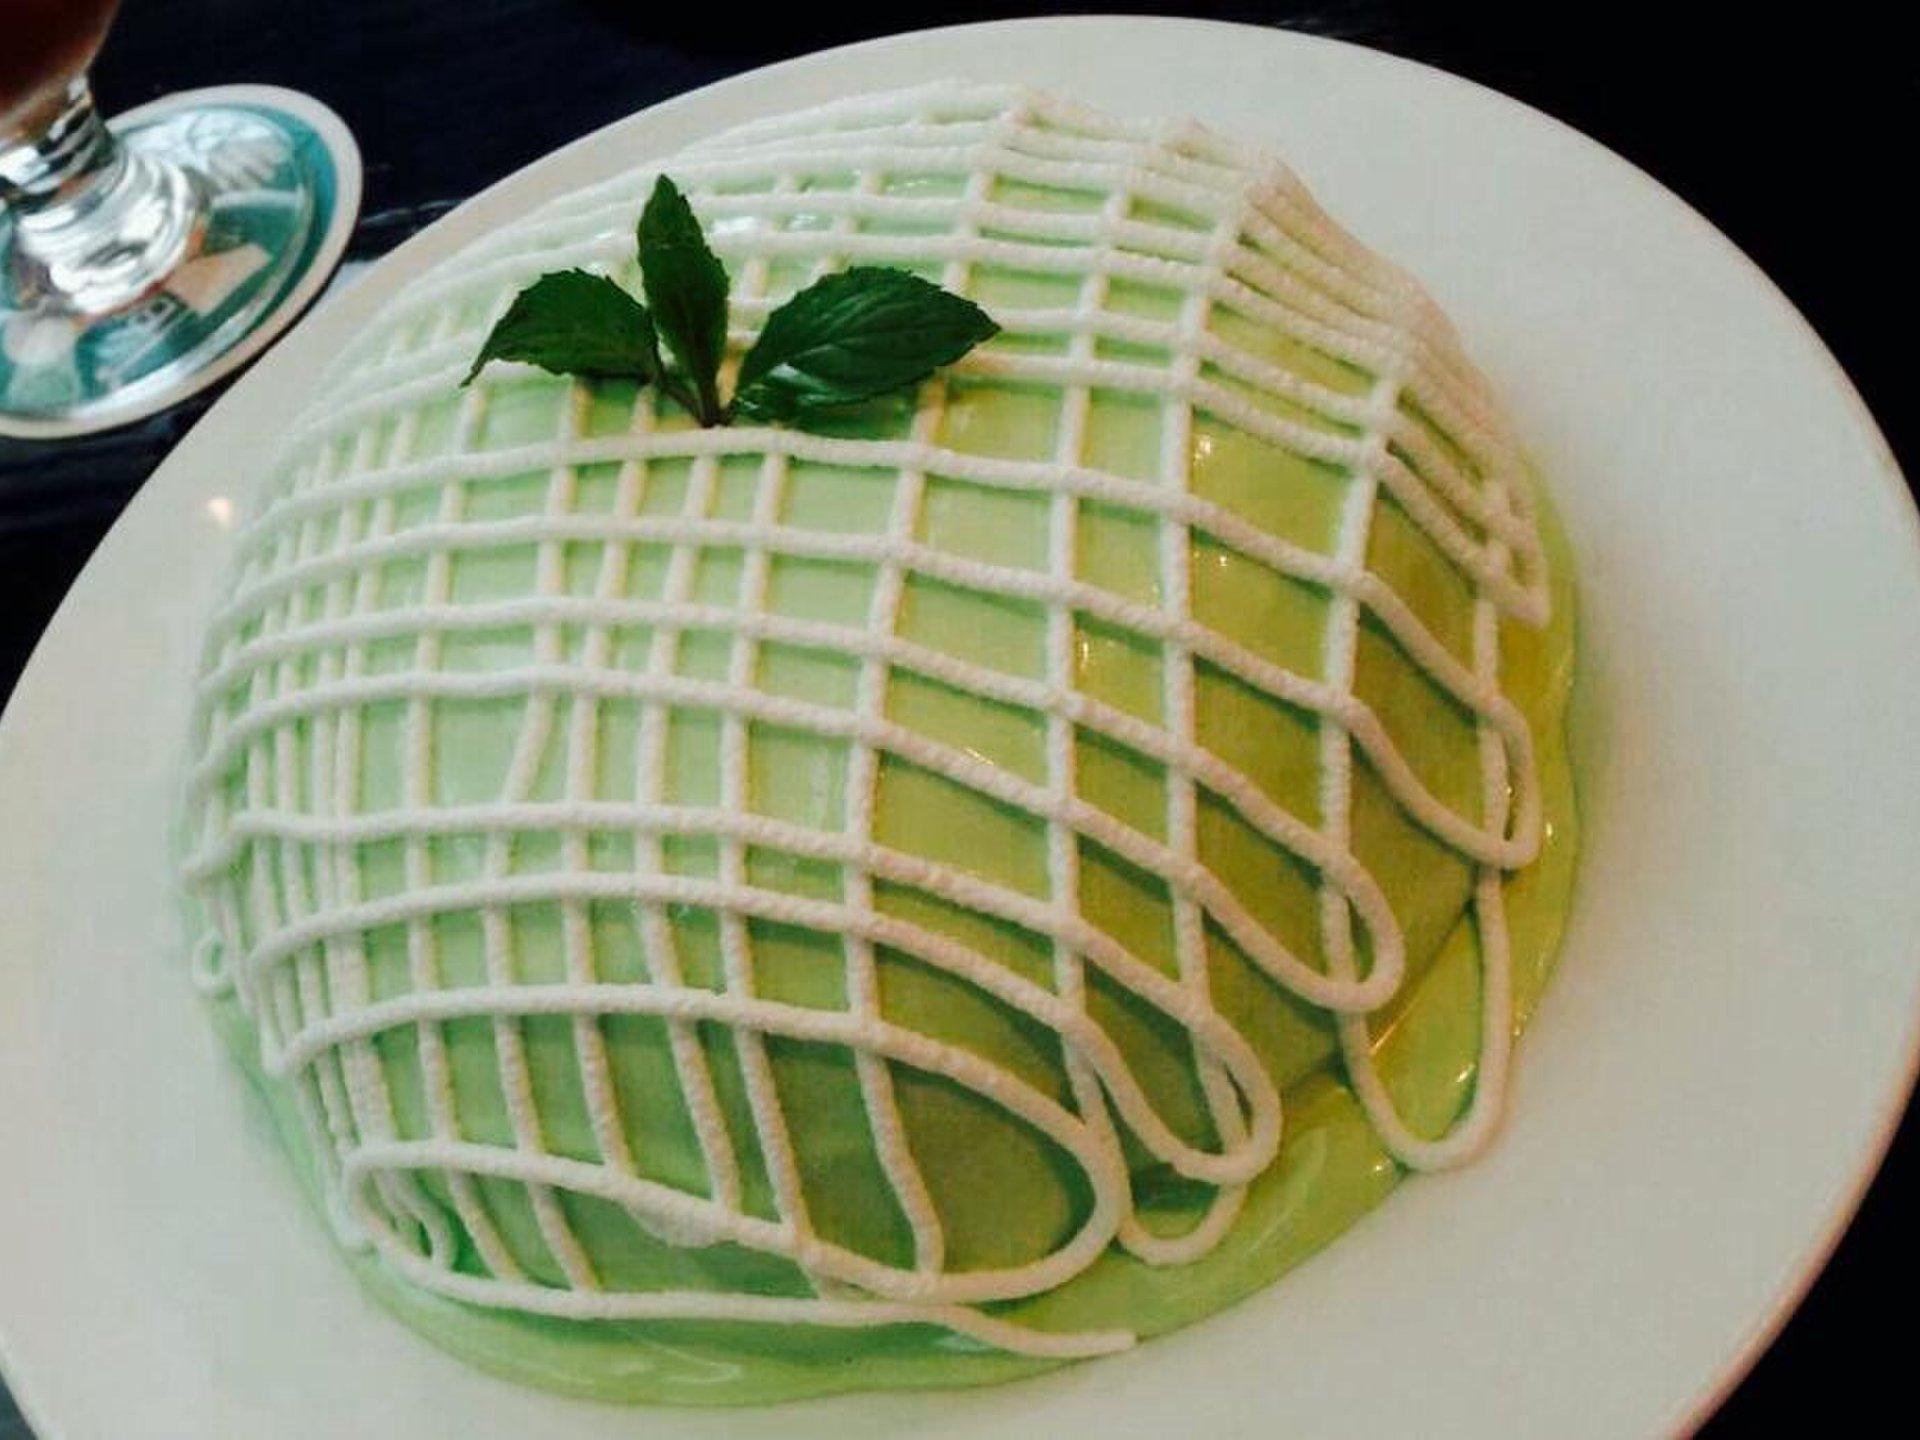 【東銀座・銀座】休日ご褒美☆まったりハワイアンマッサージ&絶品メロンパンケーキコース